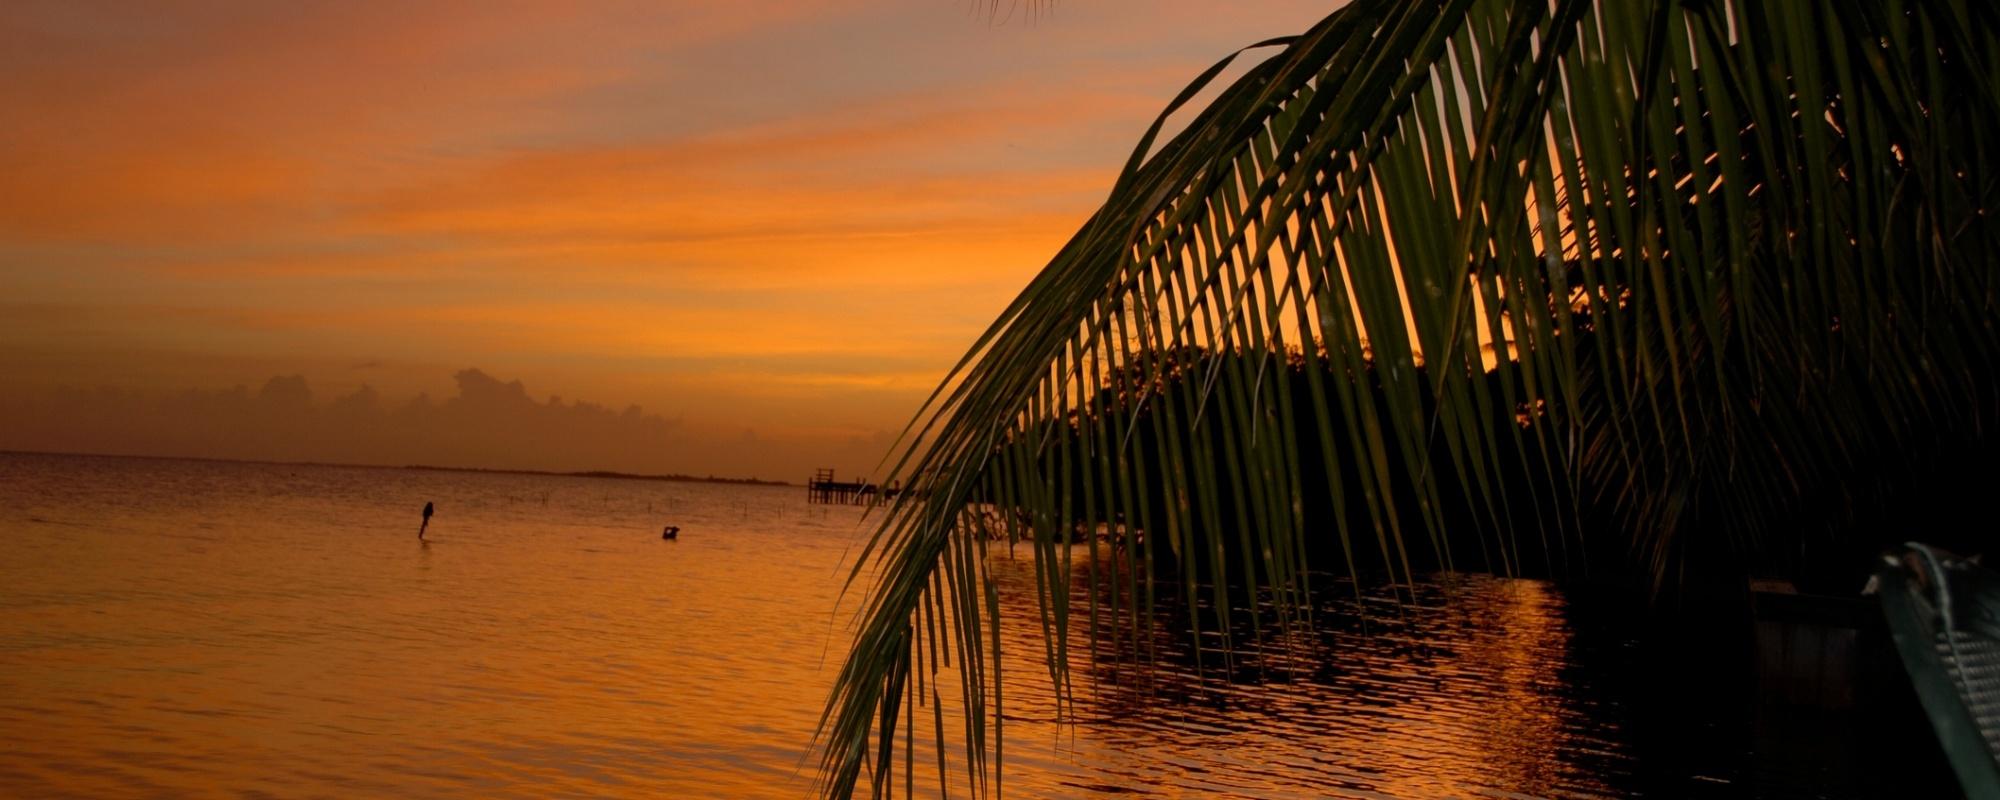 Ambergris Caye Sunset